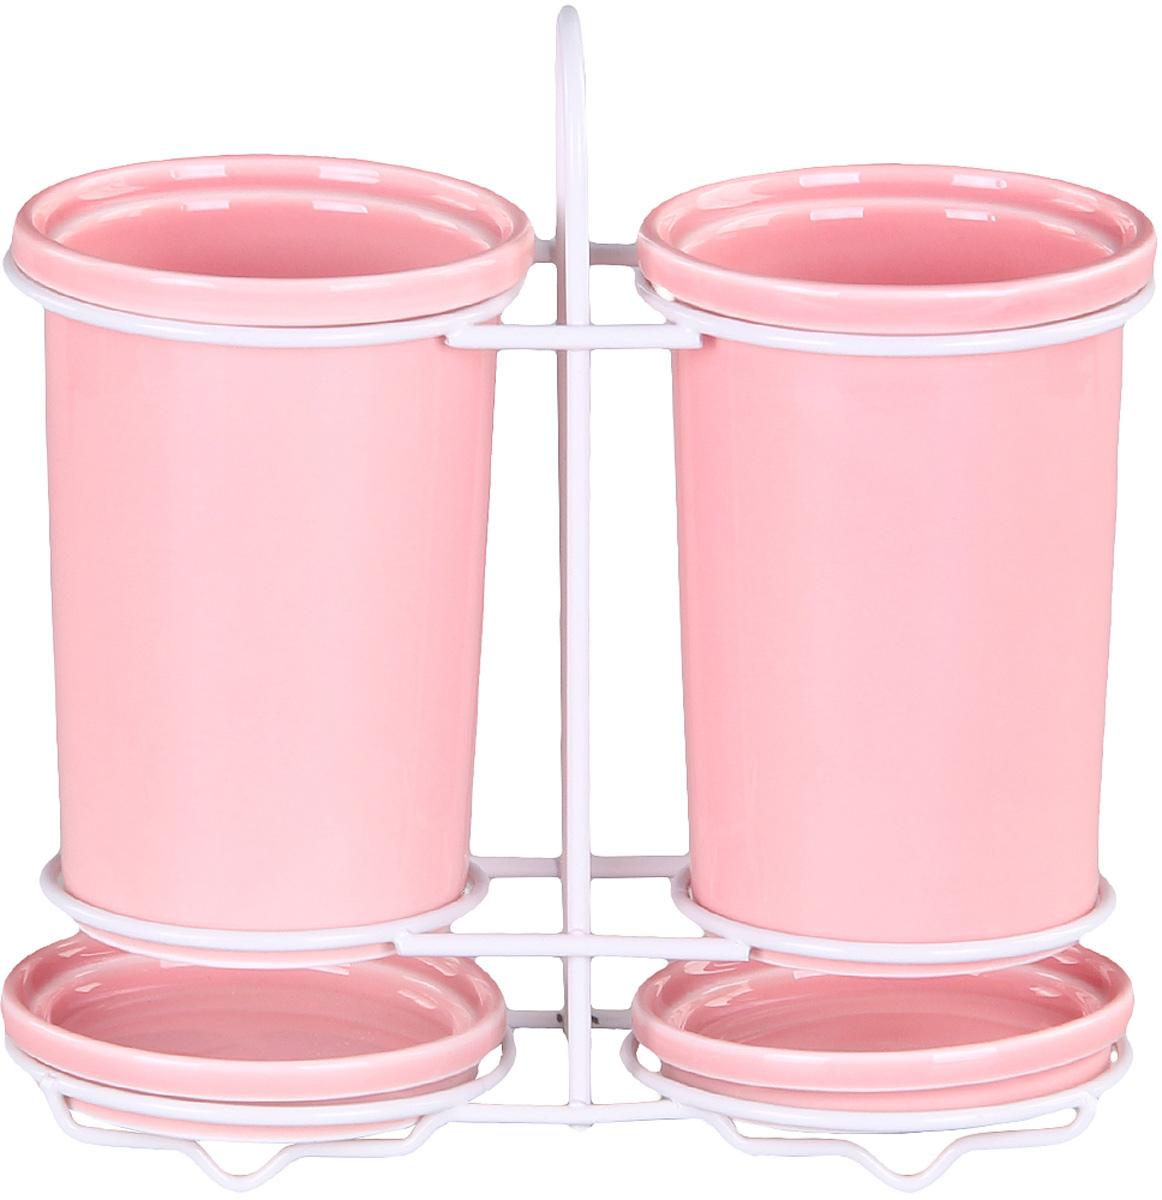 Подставка Patricia для столовых приборов. IM99-5231IM99-5231Подставка для столовых приборов и поддон выполнены из керамики, а специальный держатель из хромированной стали. Применение в производстве специальных эмалей позволяет керамике, используемой в этом изделии, соперничать по своим эстетическим свойствам с фарфором. Поддон для сбора воды легко мыть благодаря удобной конструкции держателя.